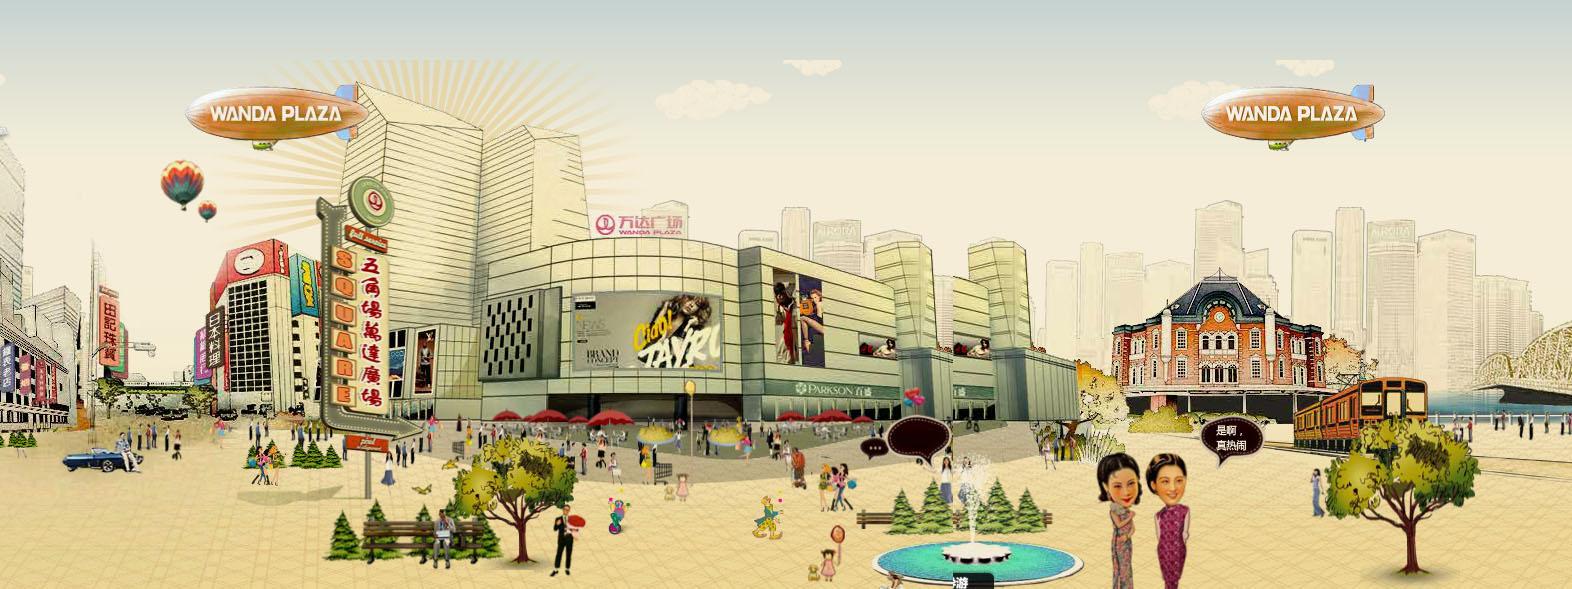 上海五角场万达广场总平面与插画